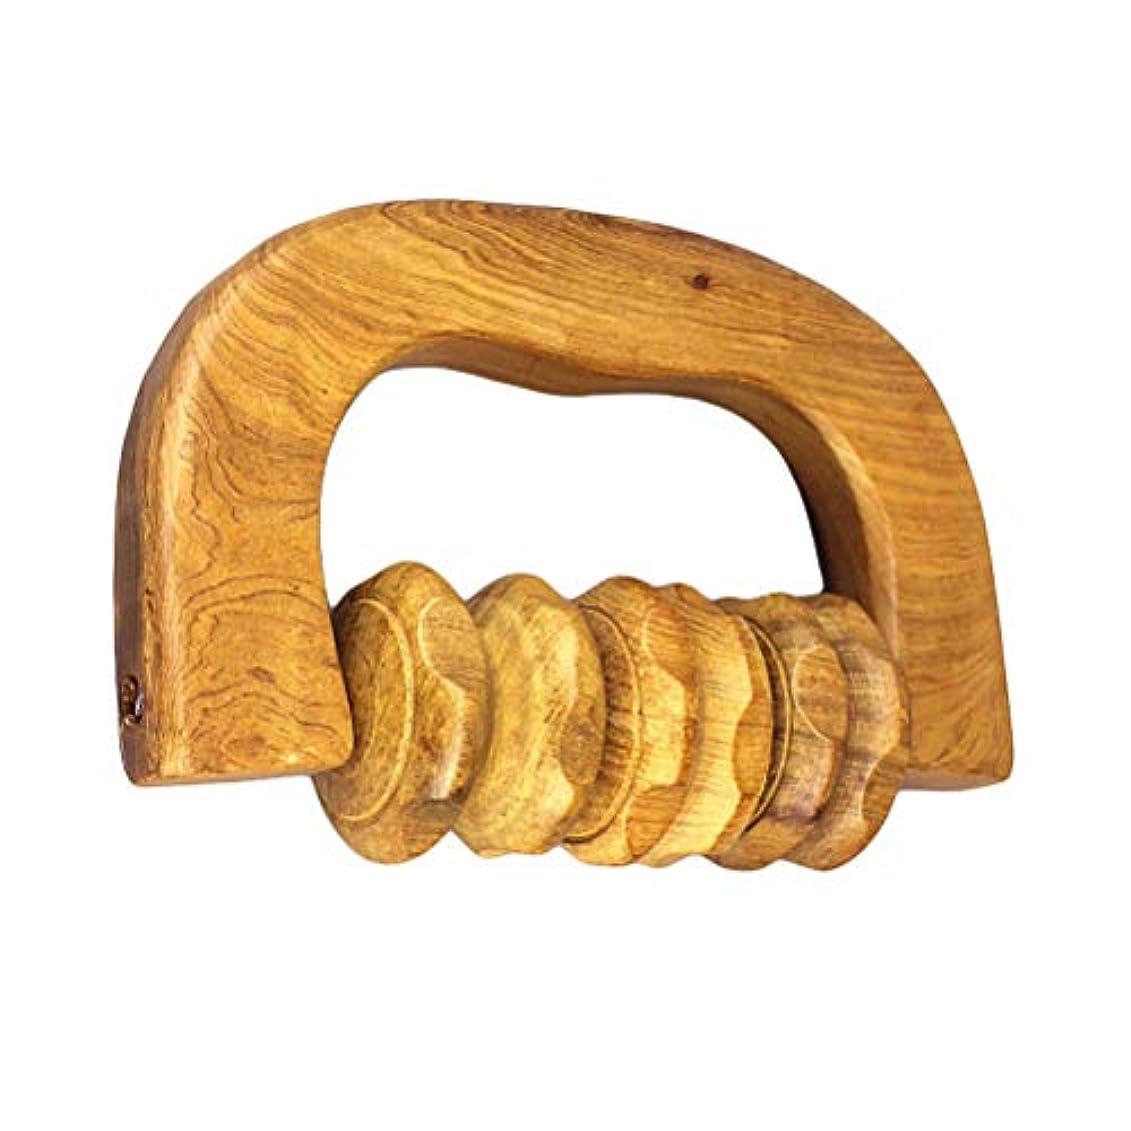 大腿ベギン早めるROSENICE 木製ハンドルローラーマッサージャーイージーグリップフットボディー指圧ローラーマッサージャー